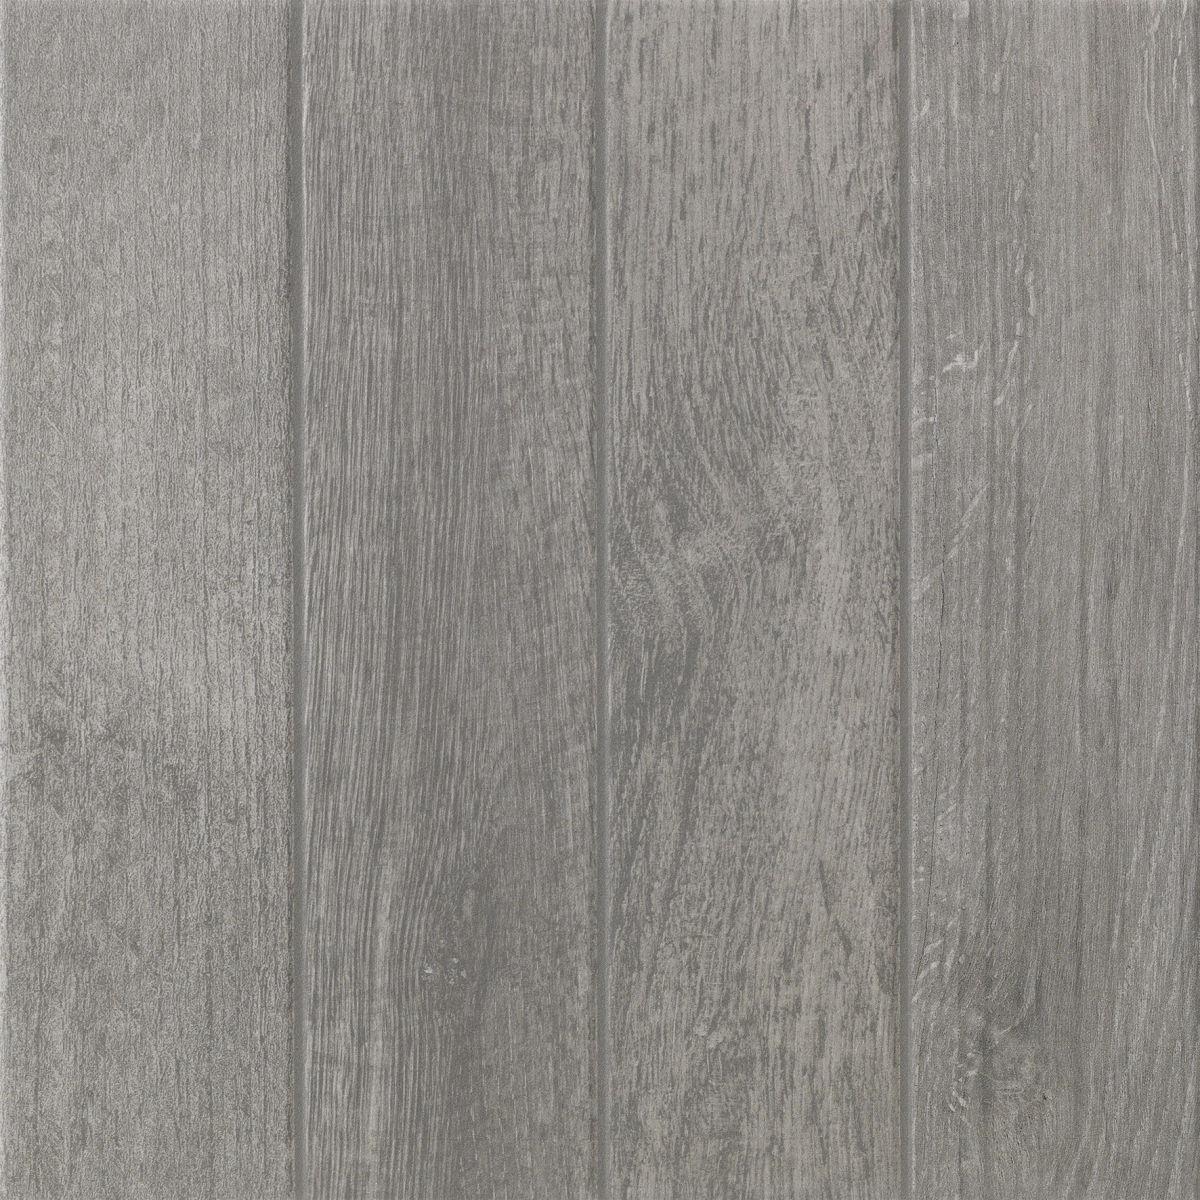 Piastrella Deck 35 x 35 grigio: prezzi e offerte online